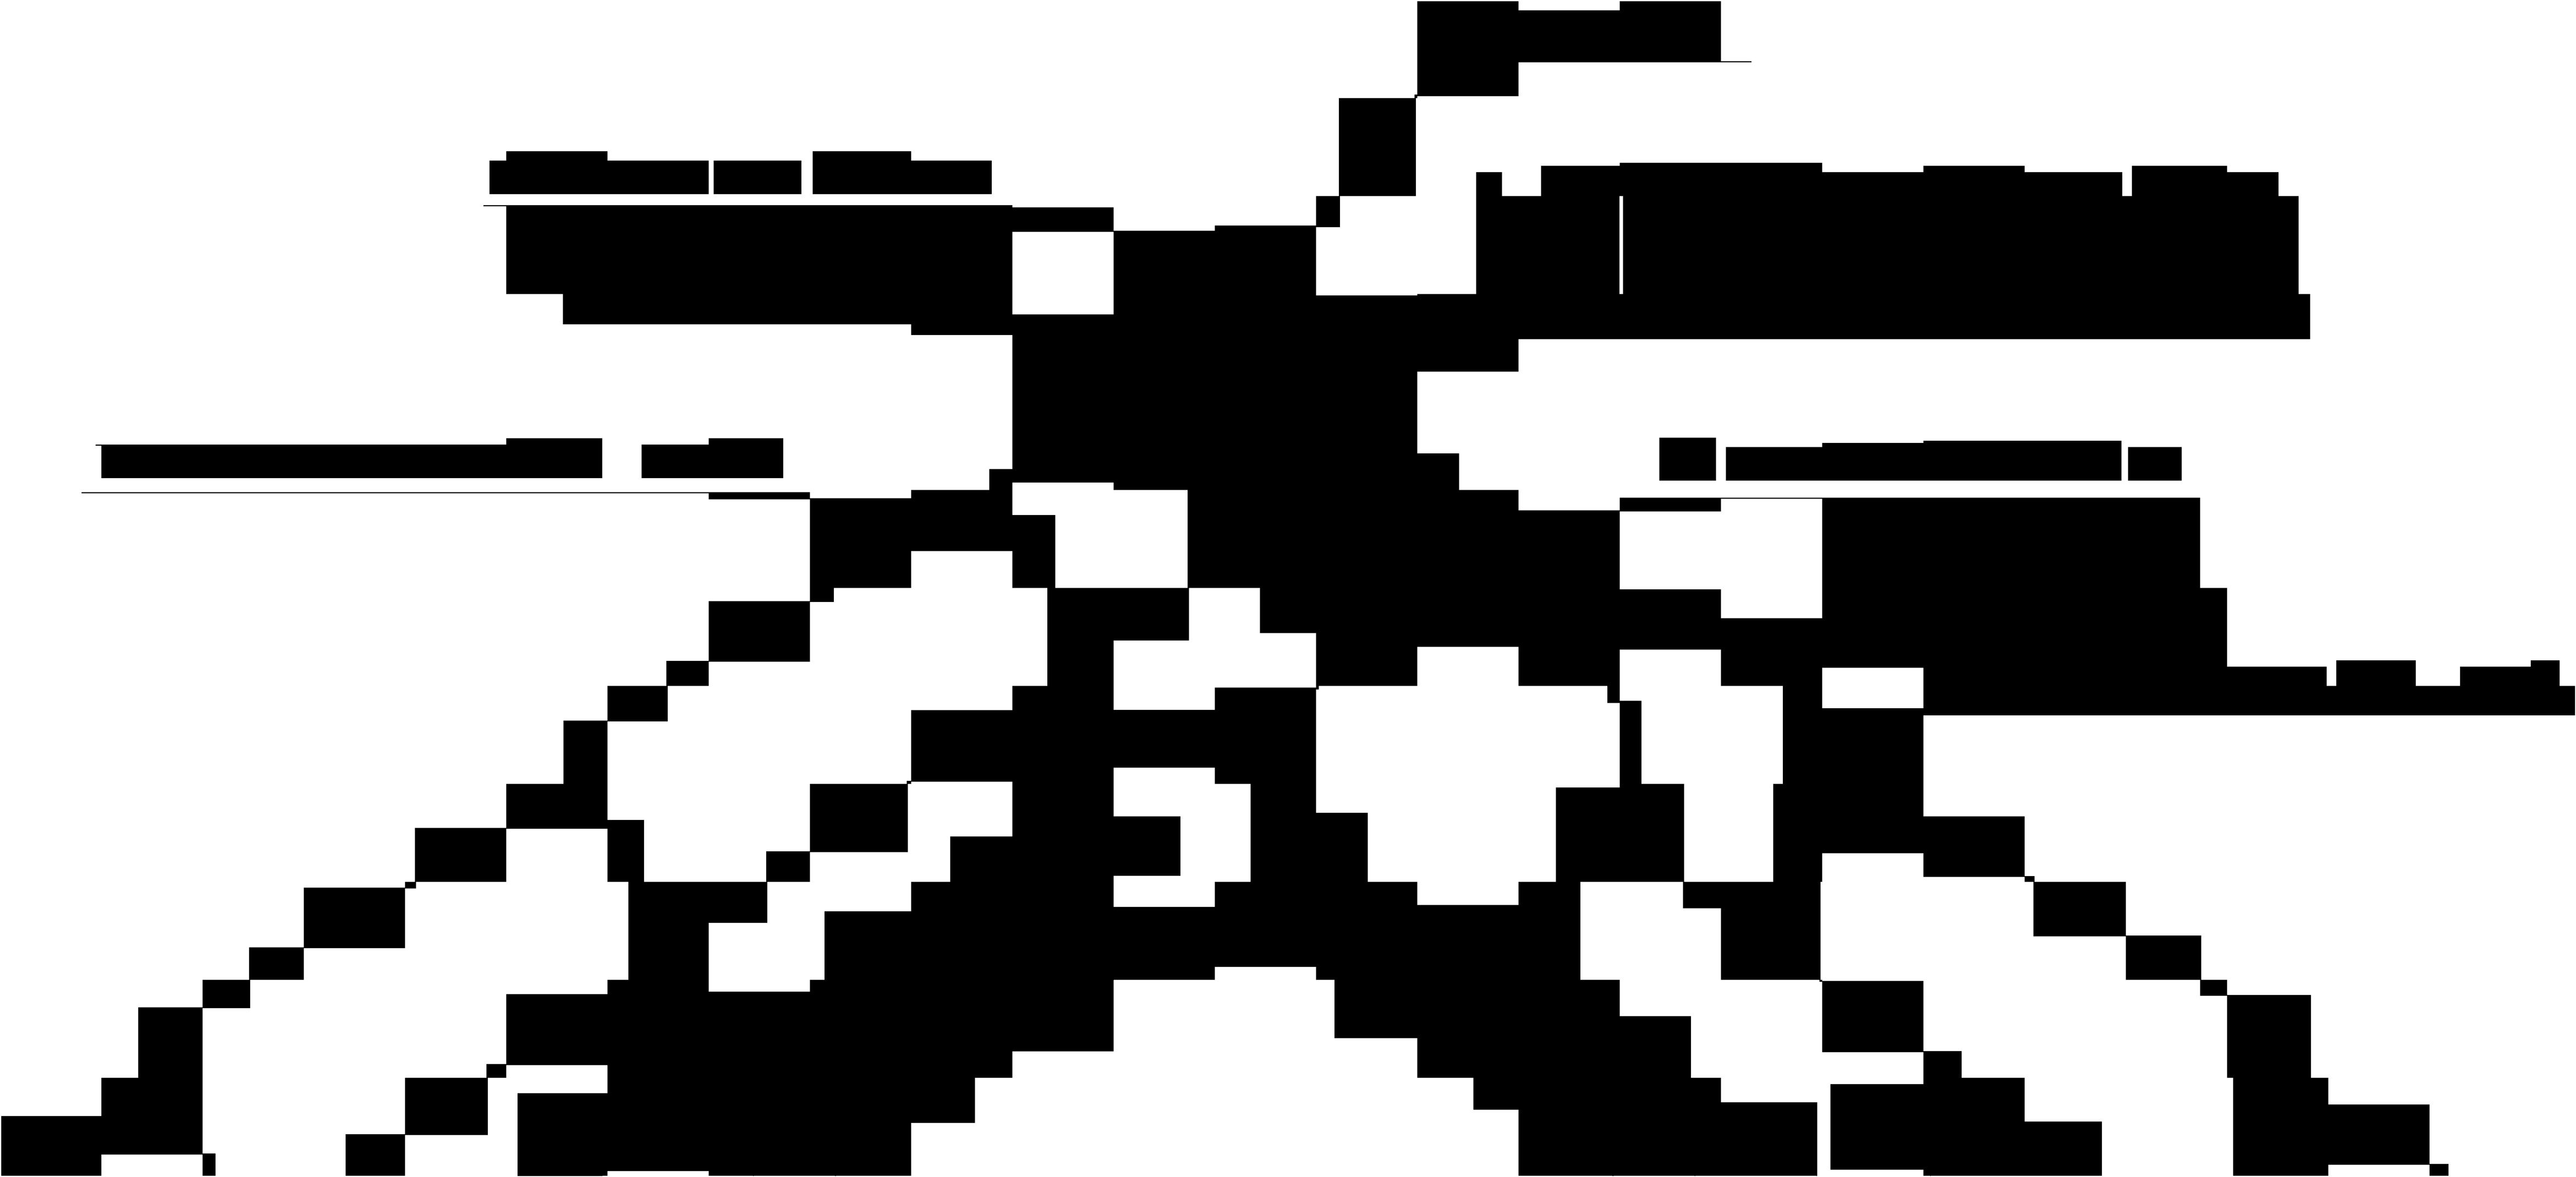 Montáž uzávěry hřebene